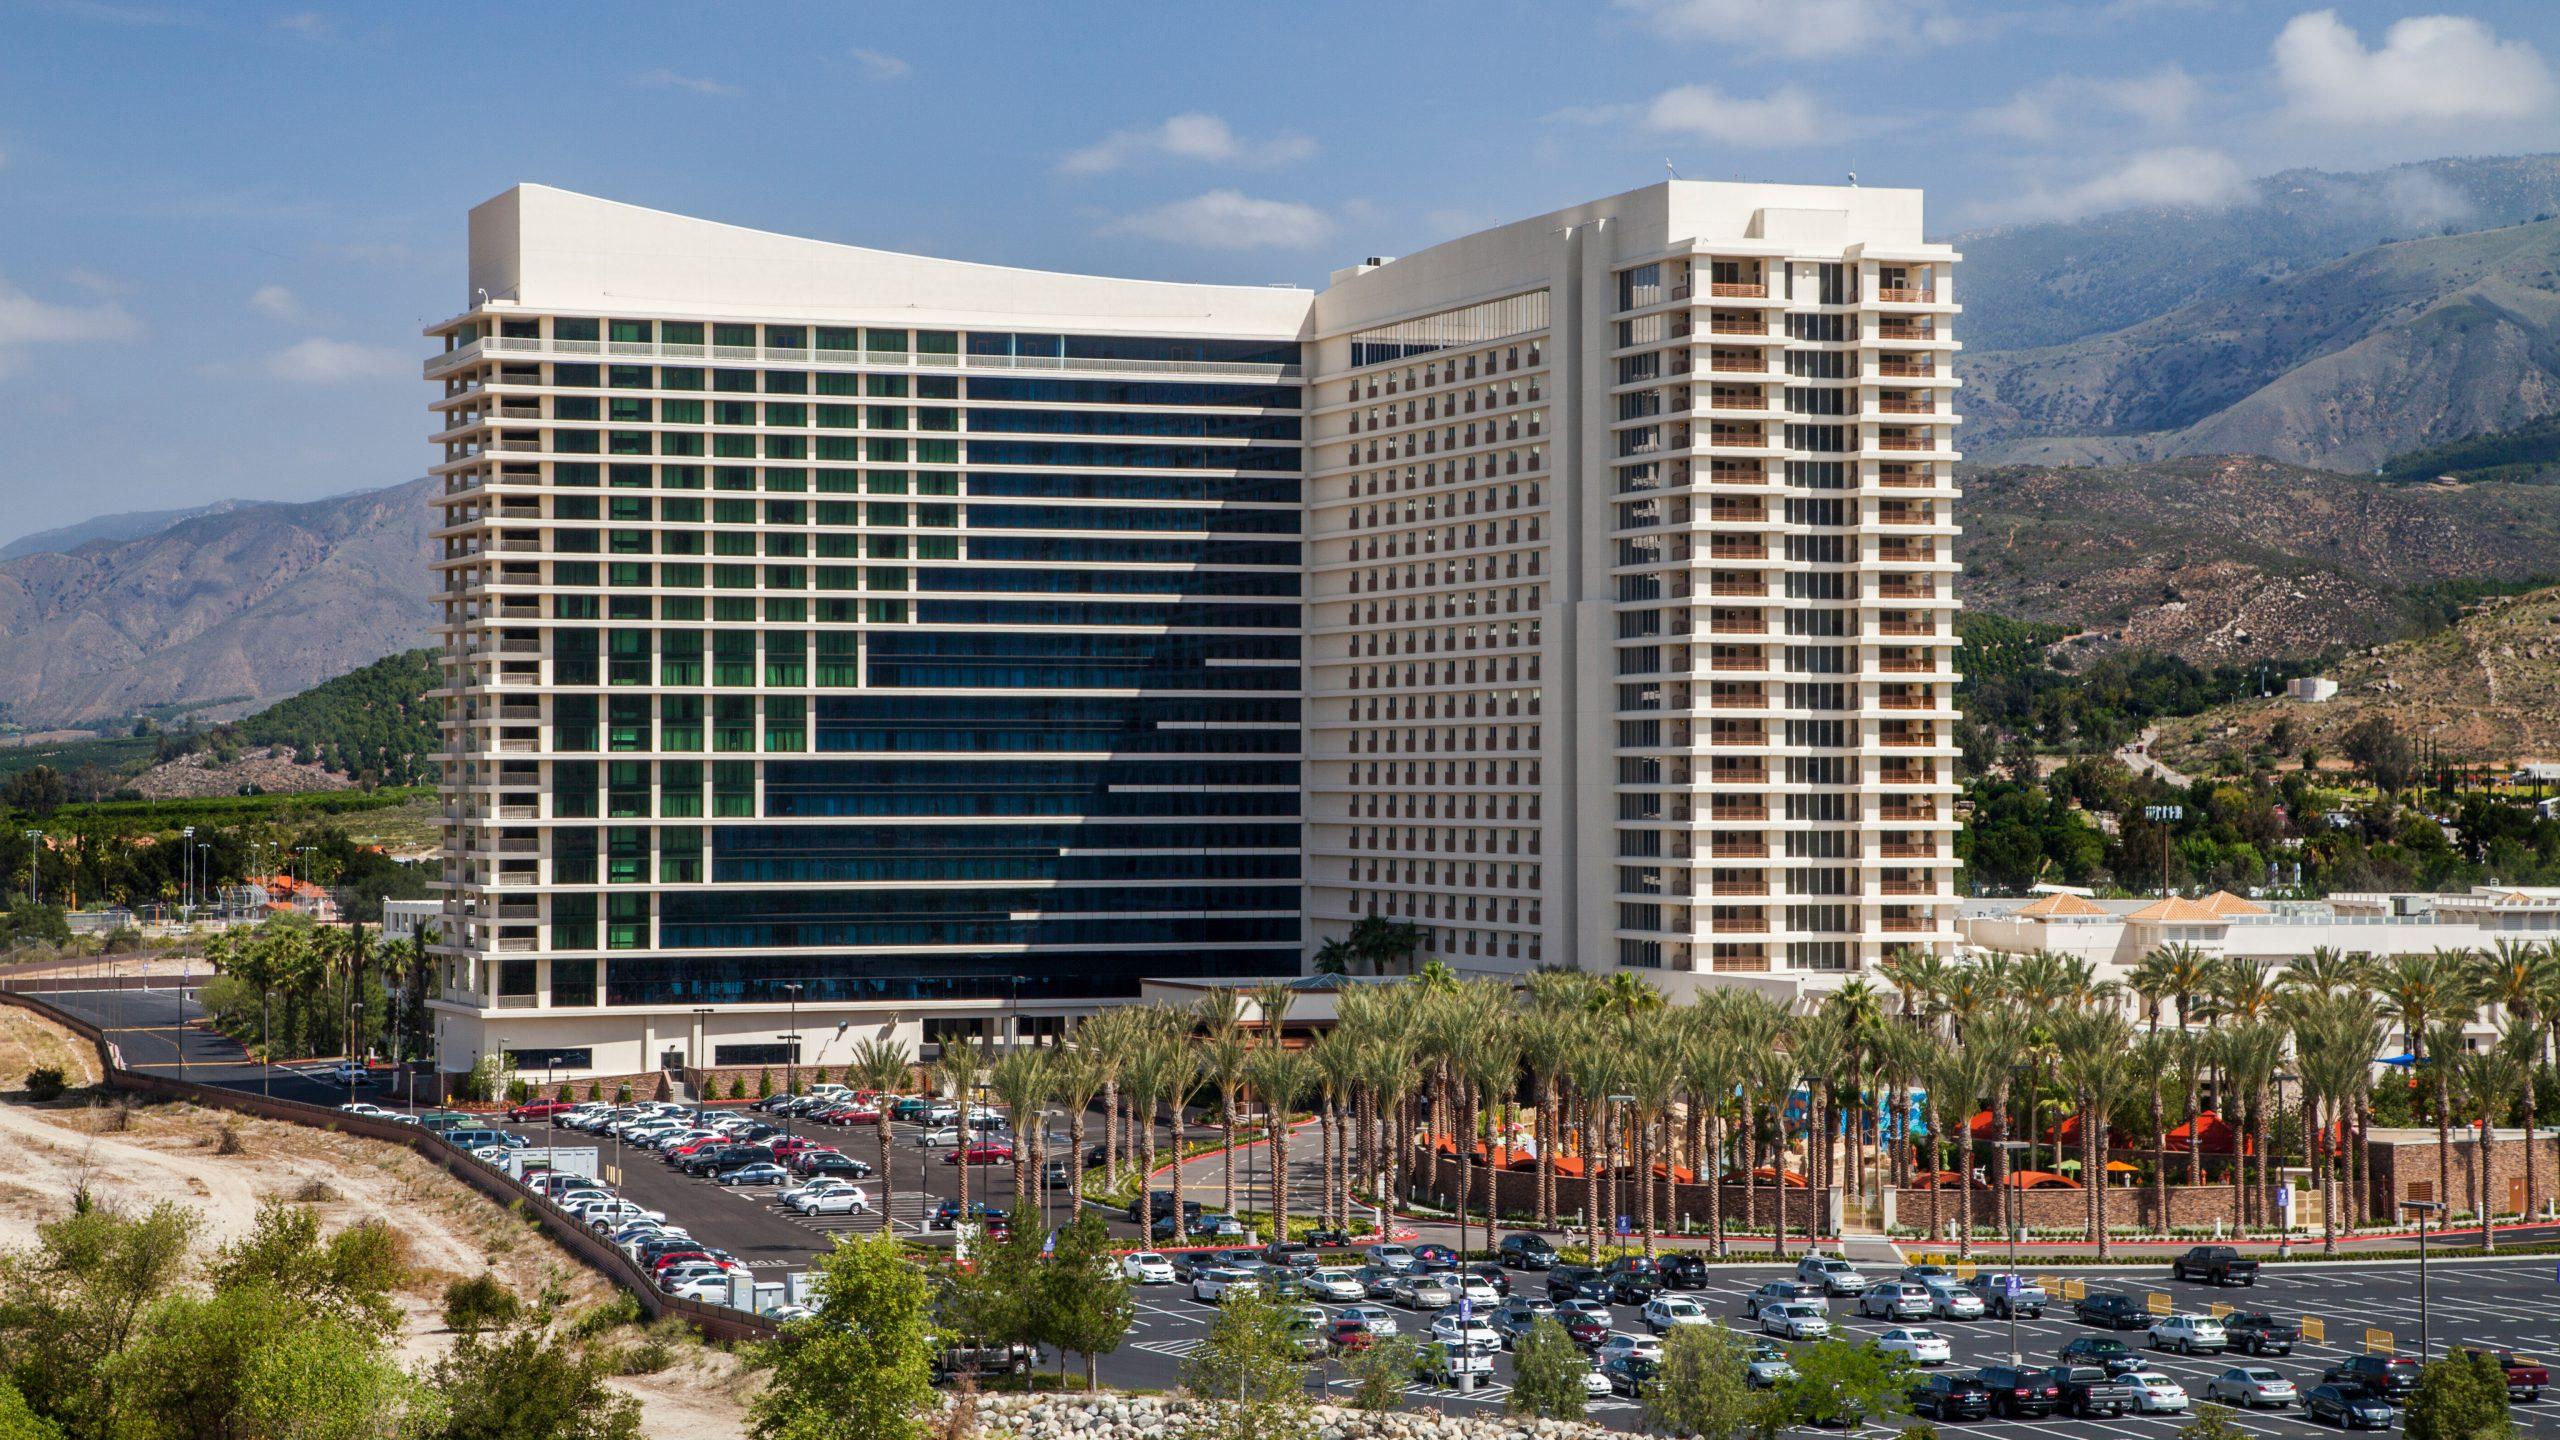 Harrah s casino valley view ca turning stone casino website